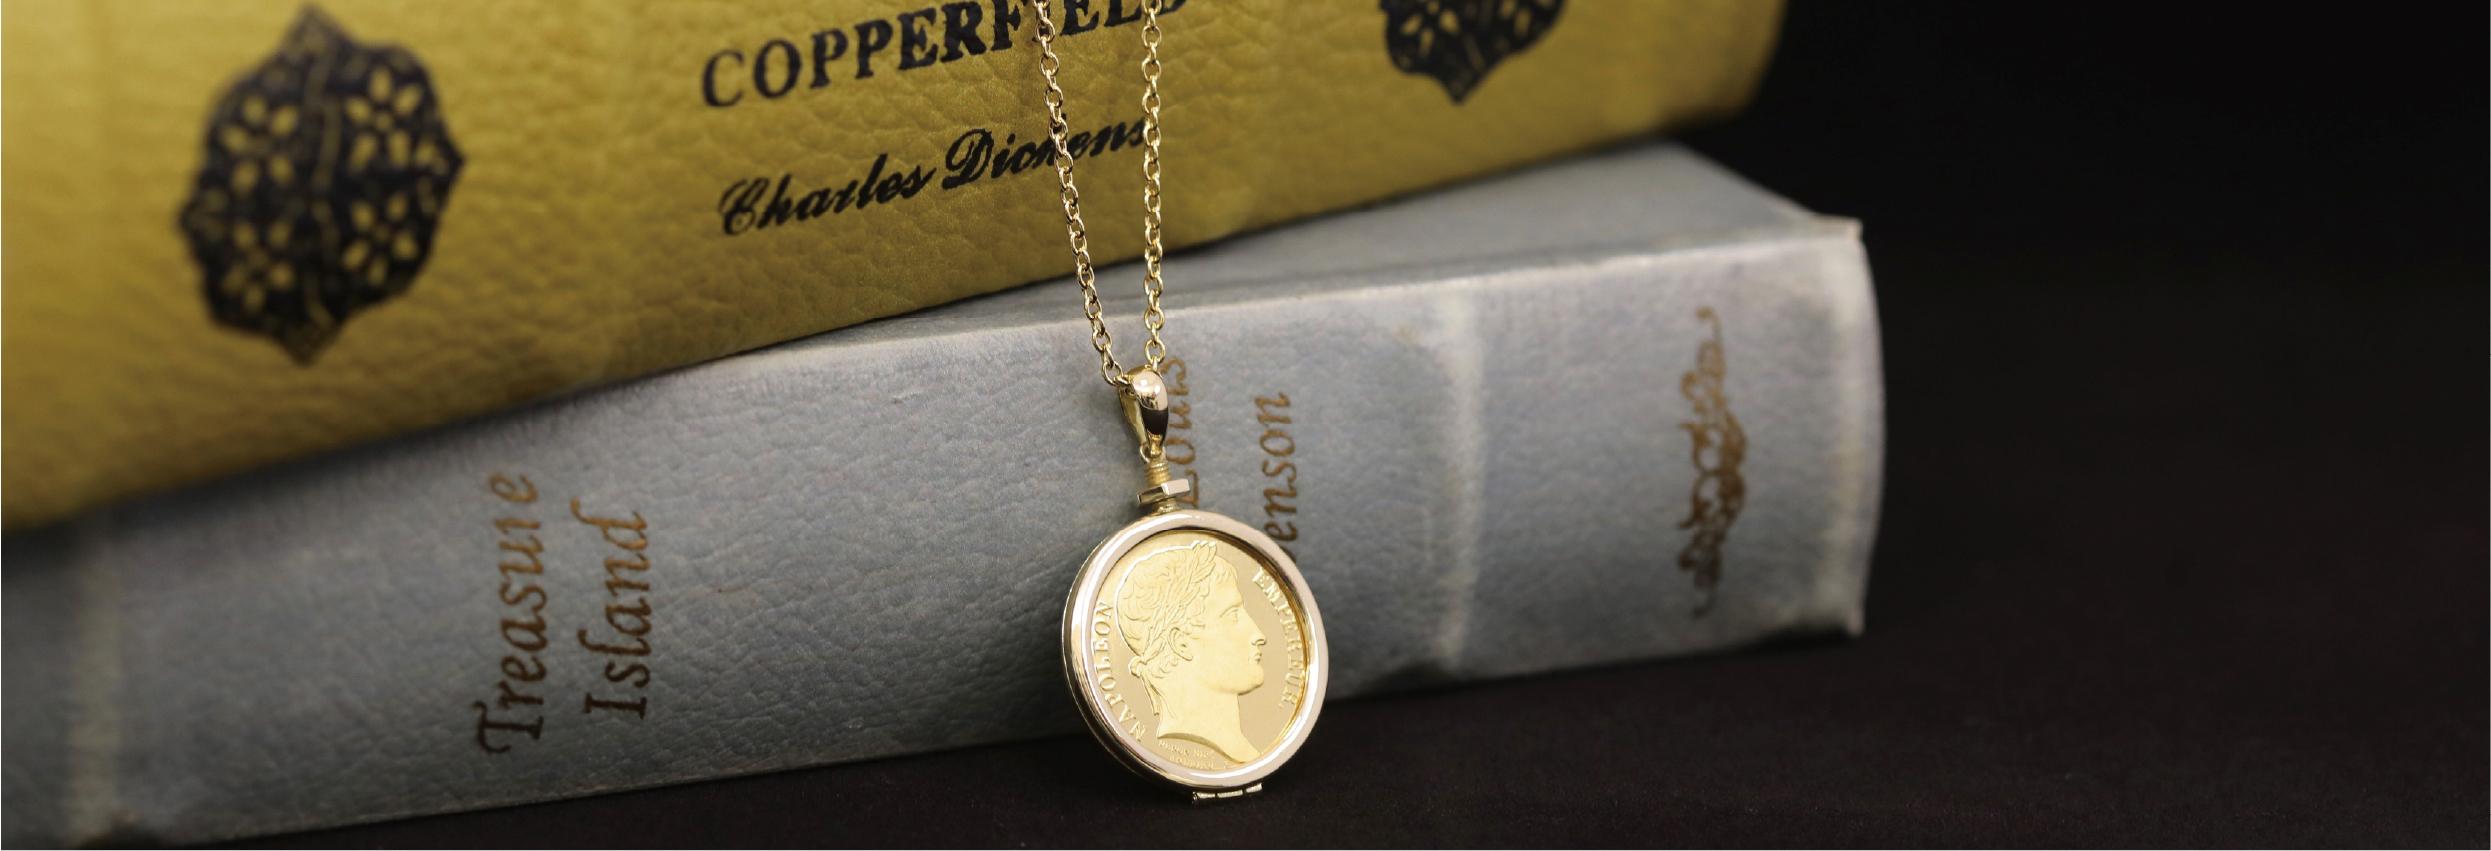 崇高の英雄 ナポレオンは〈開運〉〈幸運〉のシンボル